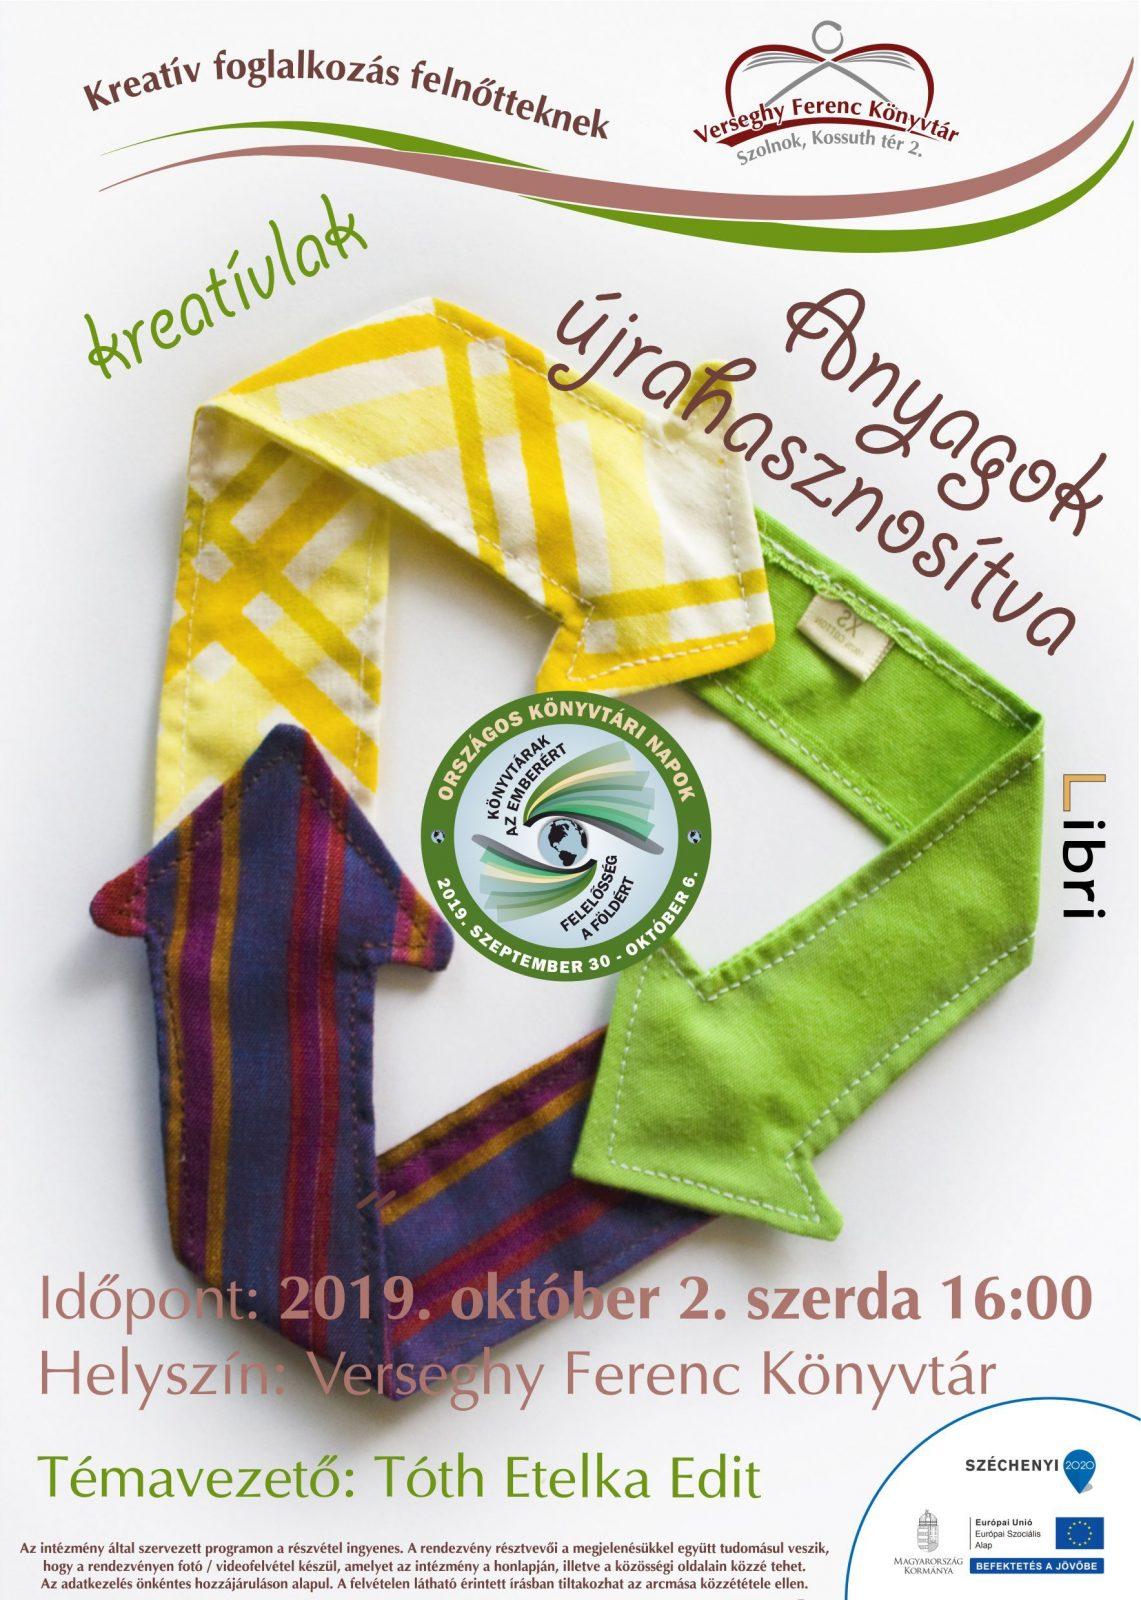 2019.10.02. Anyagok újrahasznosítva kreatív foglalkozás. Plakát